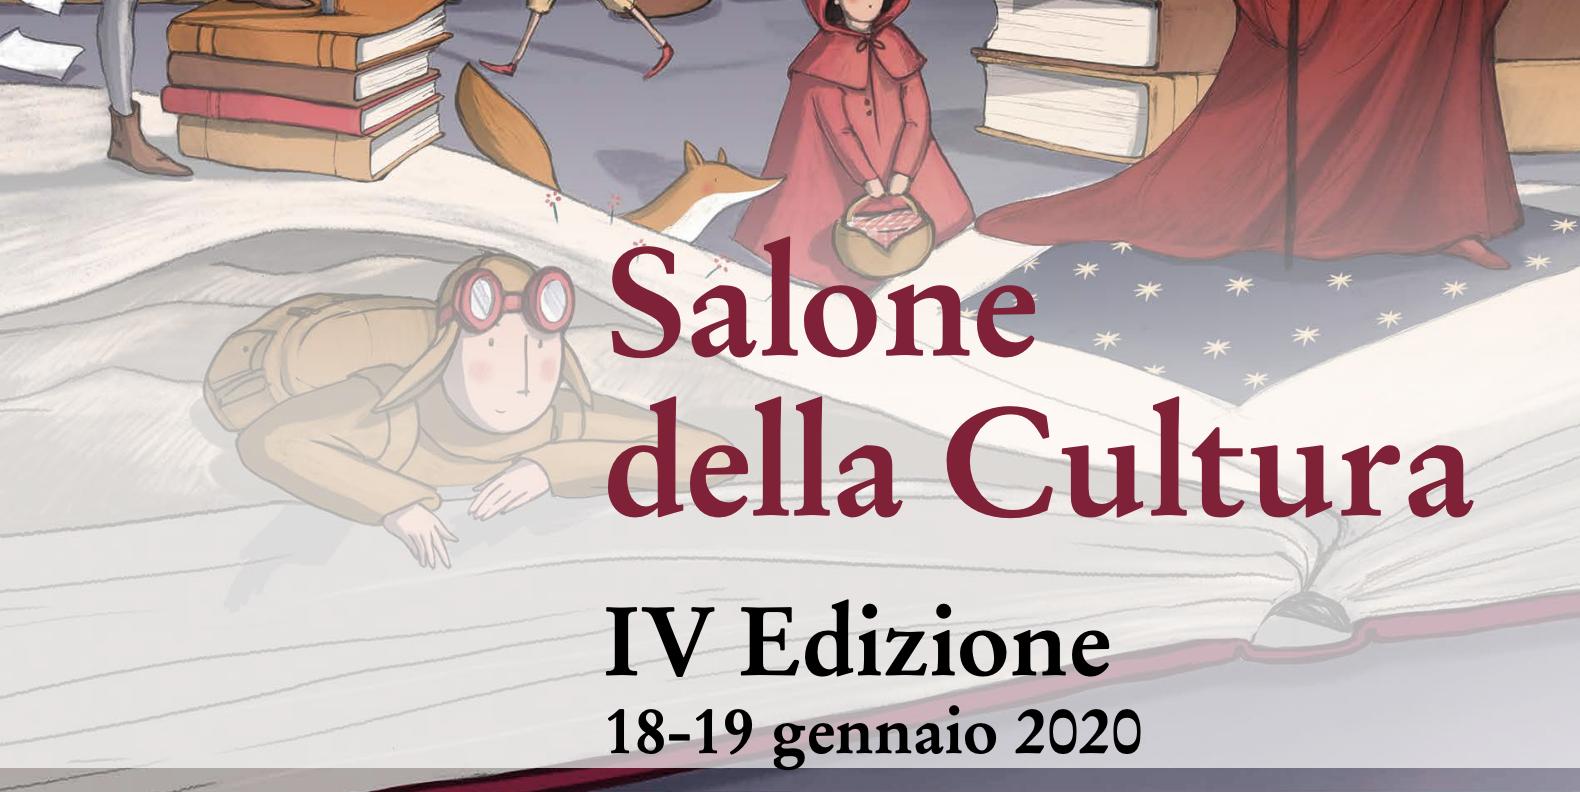 Salone della Cultura quarta edizione Milano 18 19 gennaio